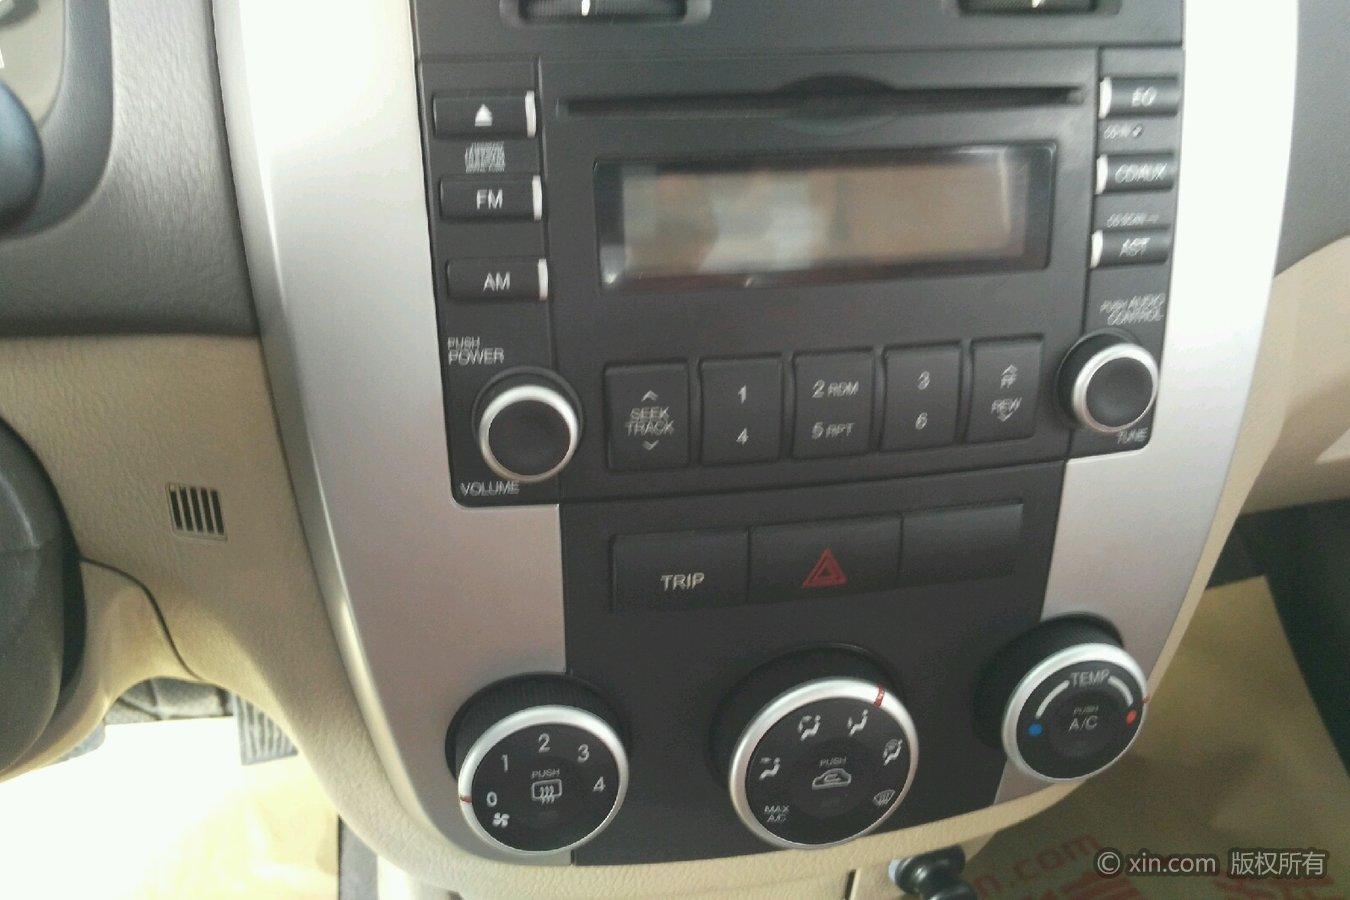 起亚赛拉图空调滤芯 起亚赛拉图空调按键注明